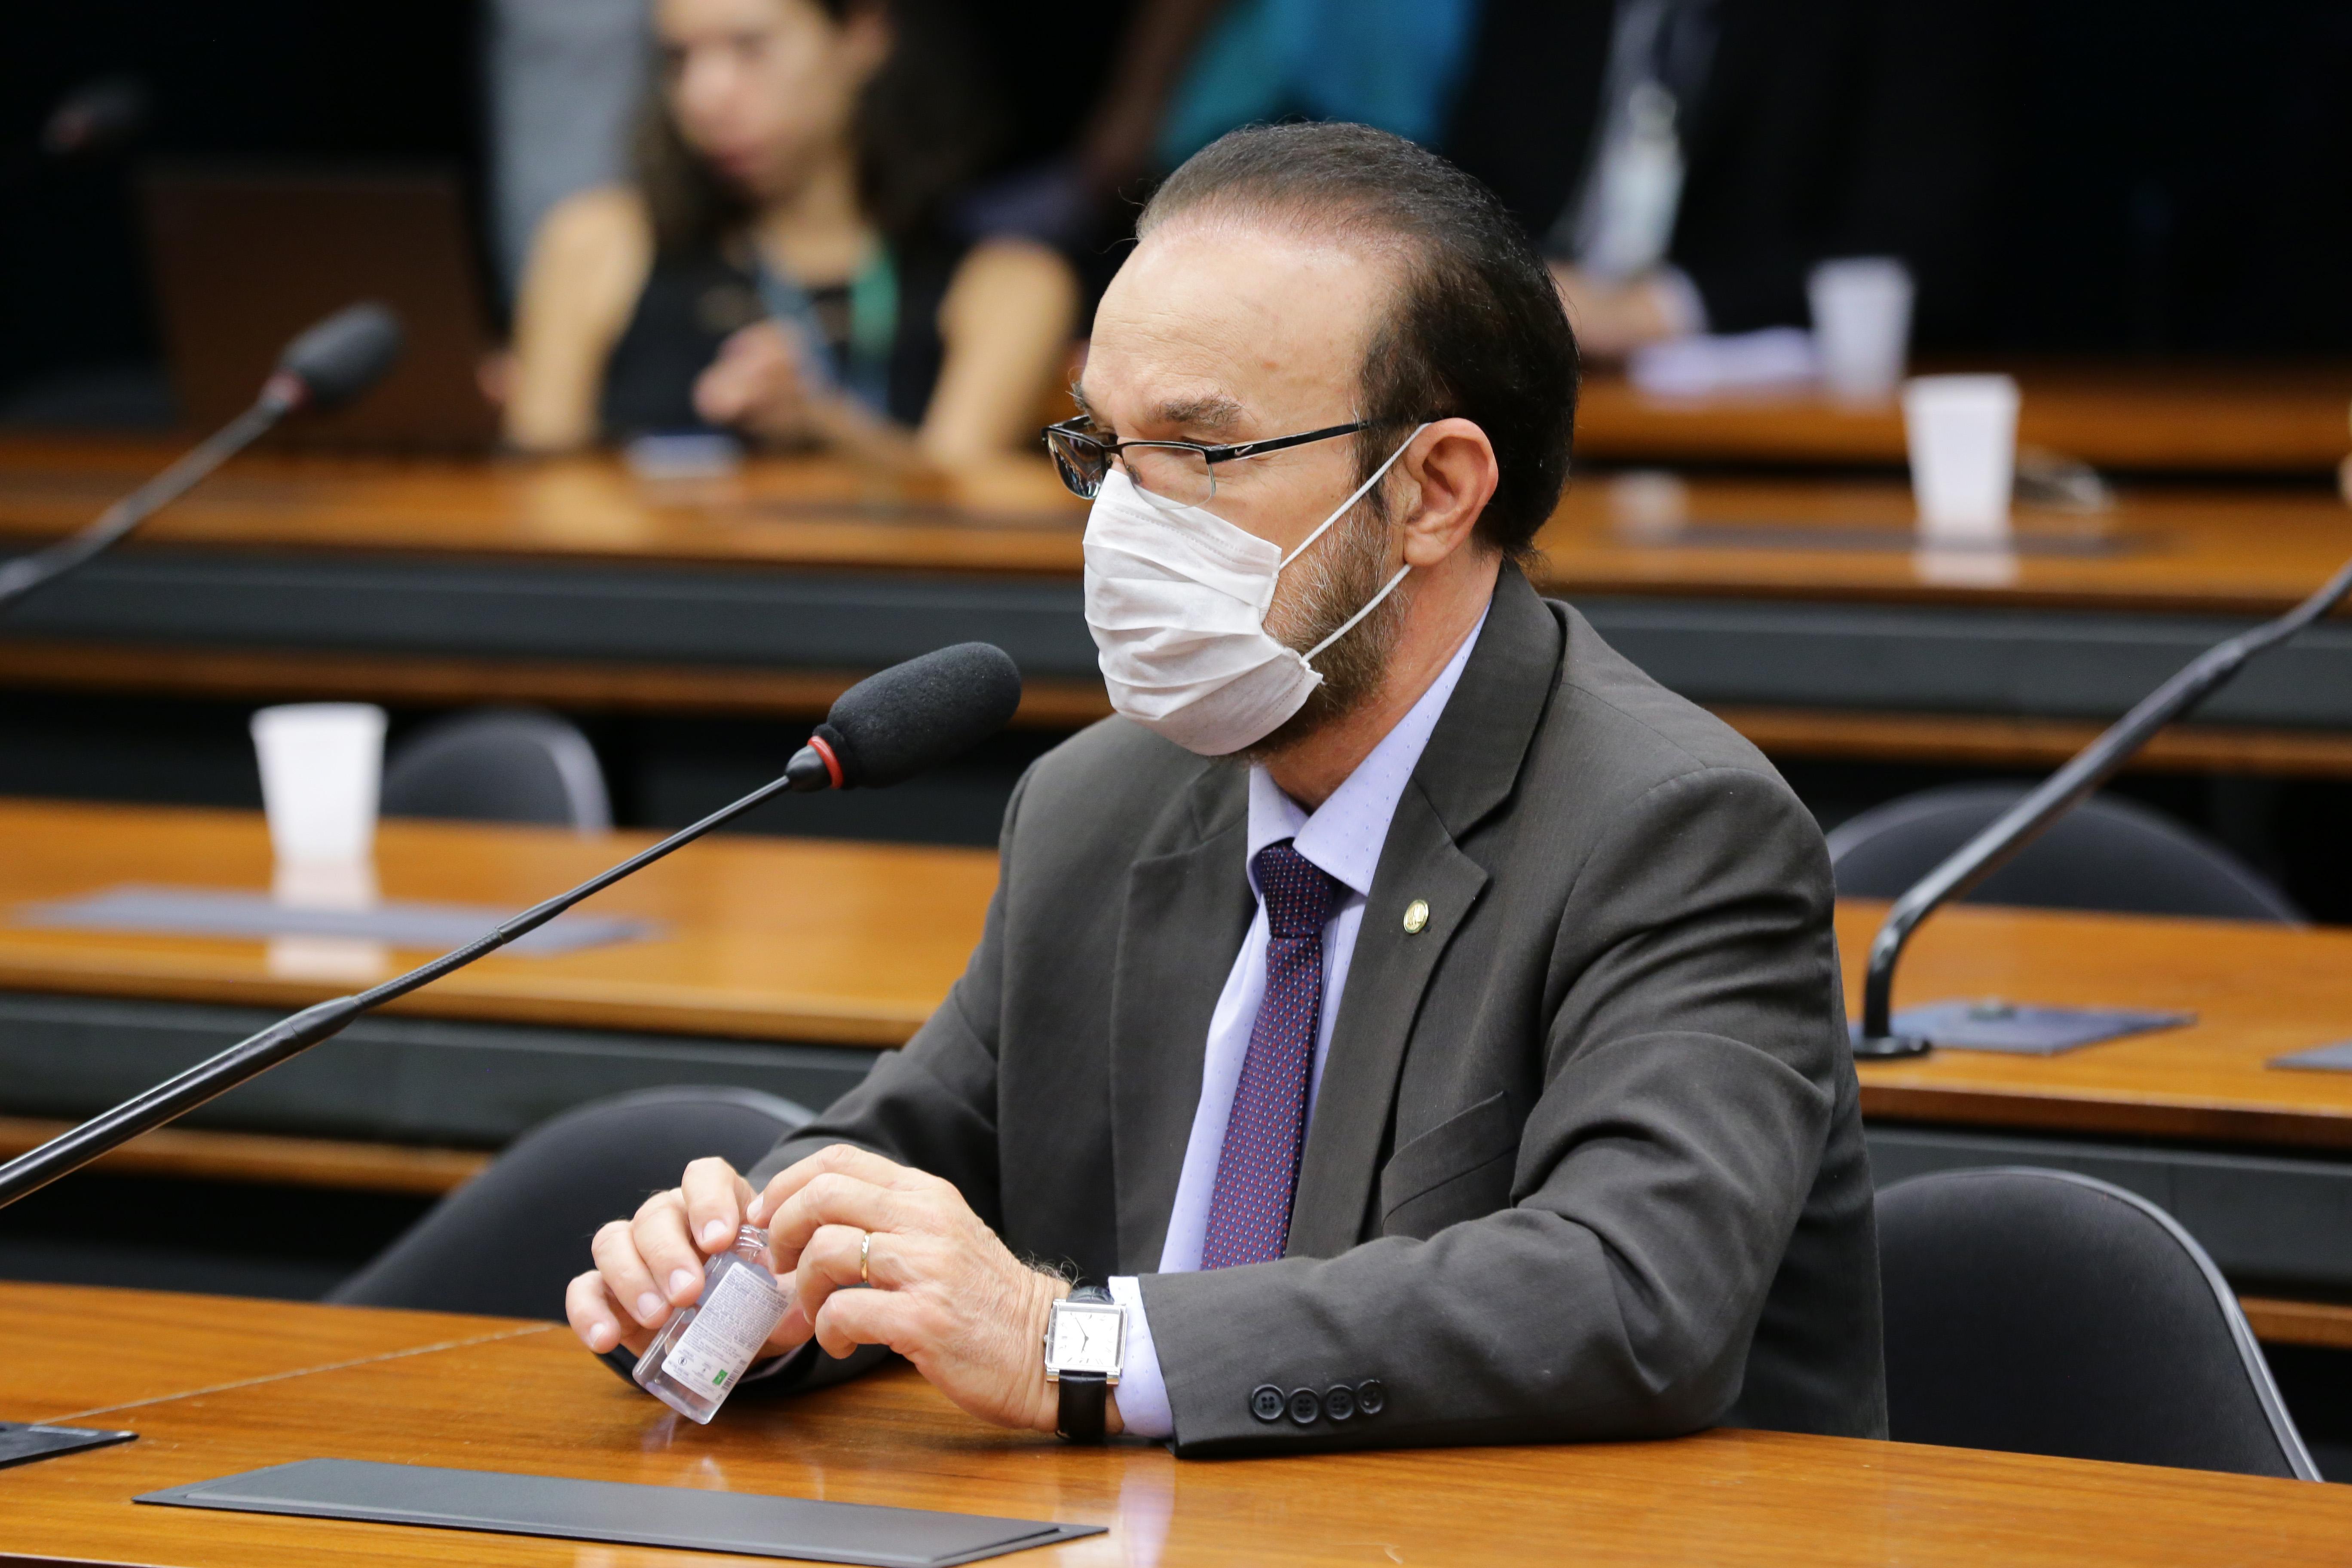 Ações preventivas da vigilância sanitária e possíveis consequências para o Brasil quanto ao enfrentamento da pandemia causada pelo coronavírus. Dep. Lincoln Portela (PL - MG)